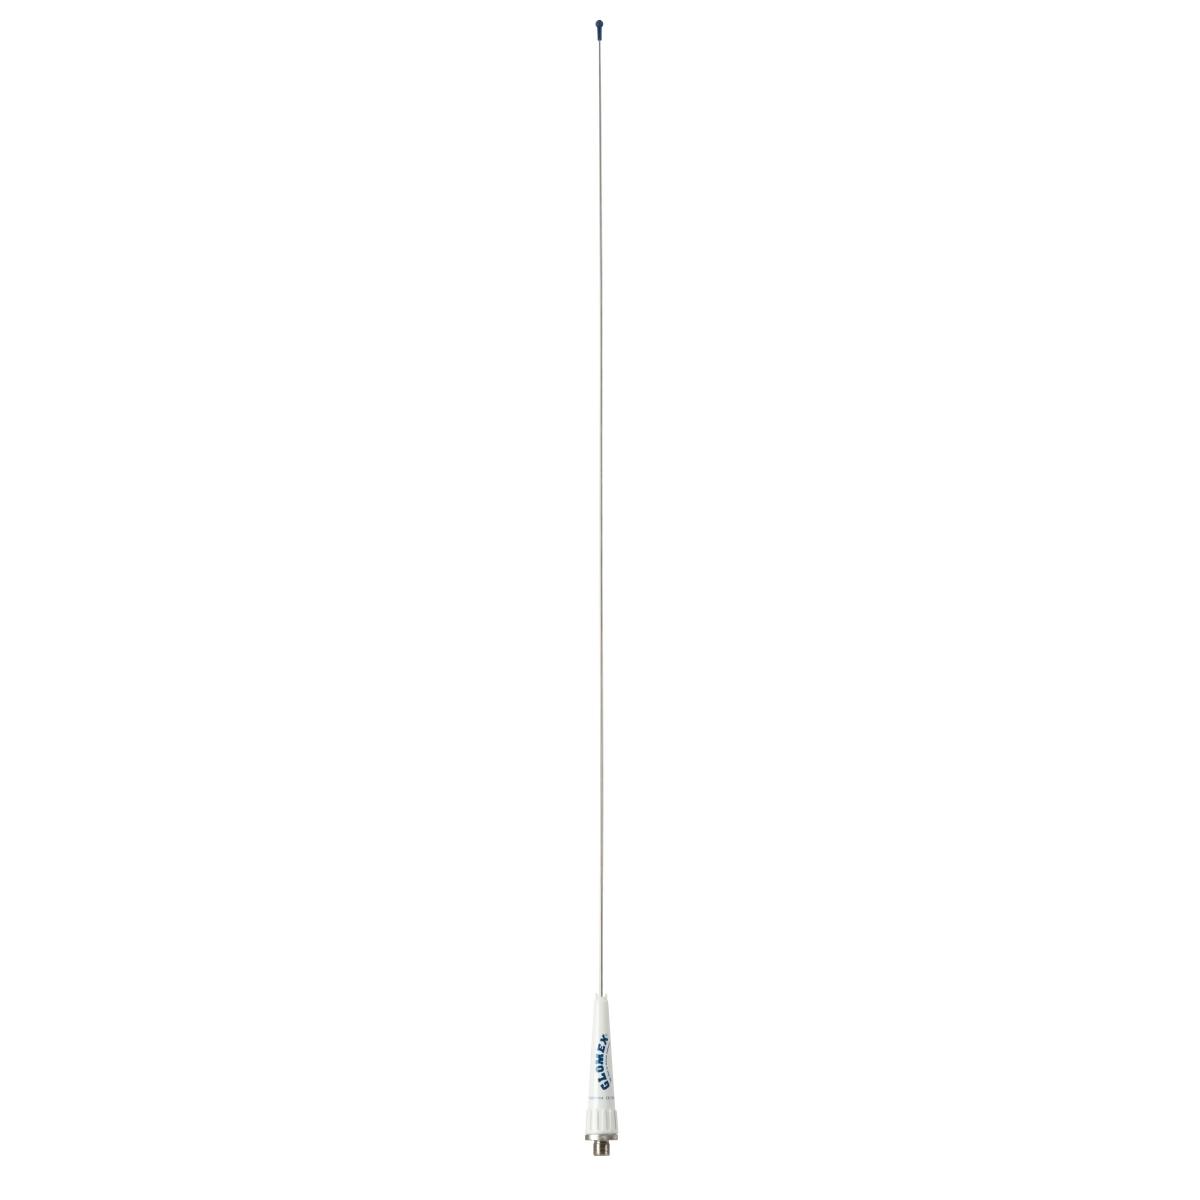 GLOMEASY RA106SLSFME VHF ANTENNA